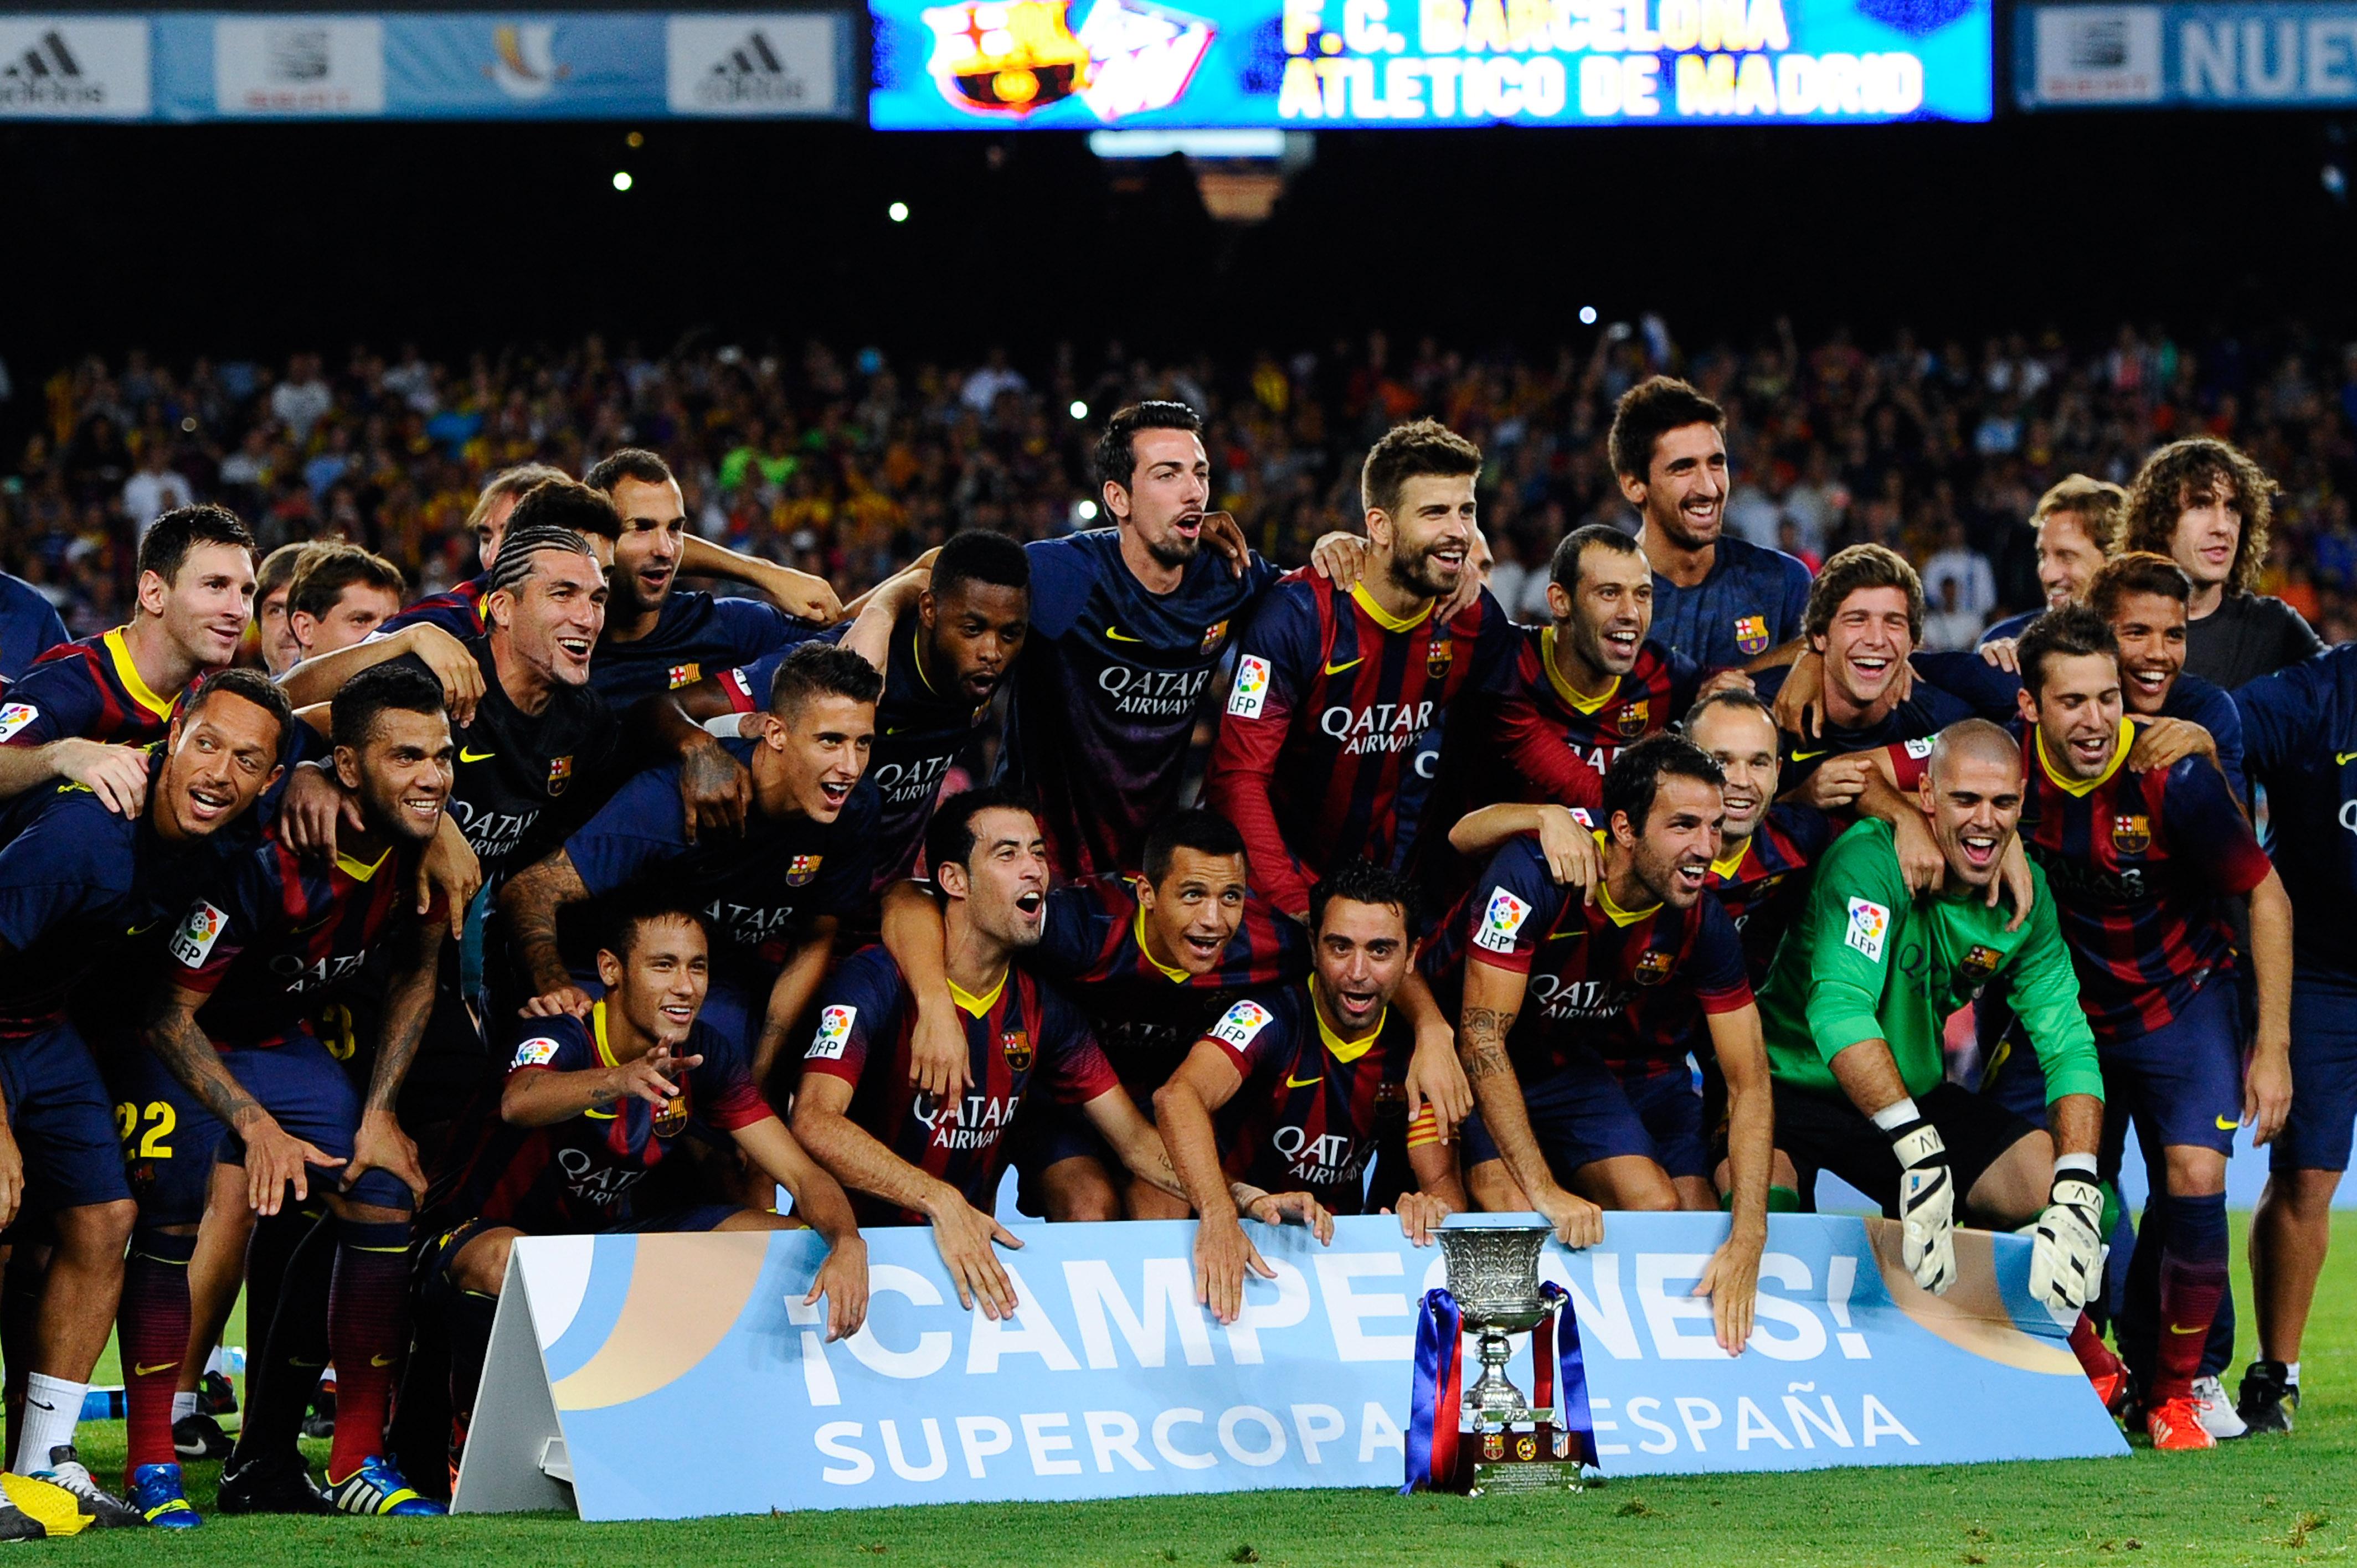 Messi, Supercopa España 2013